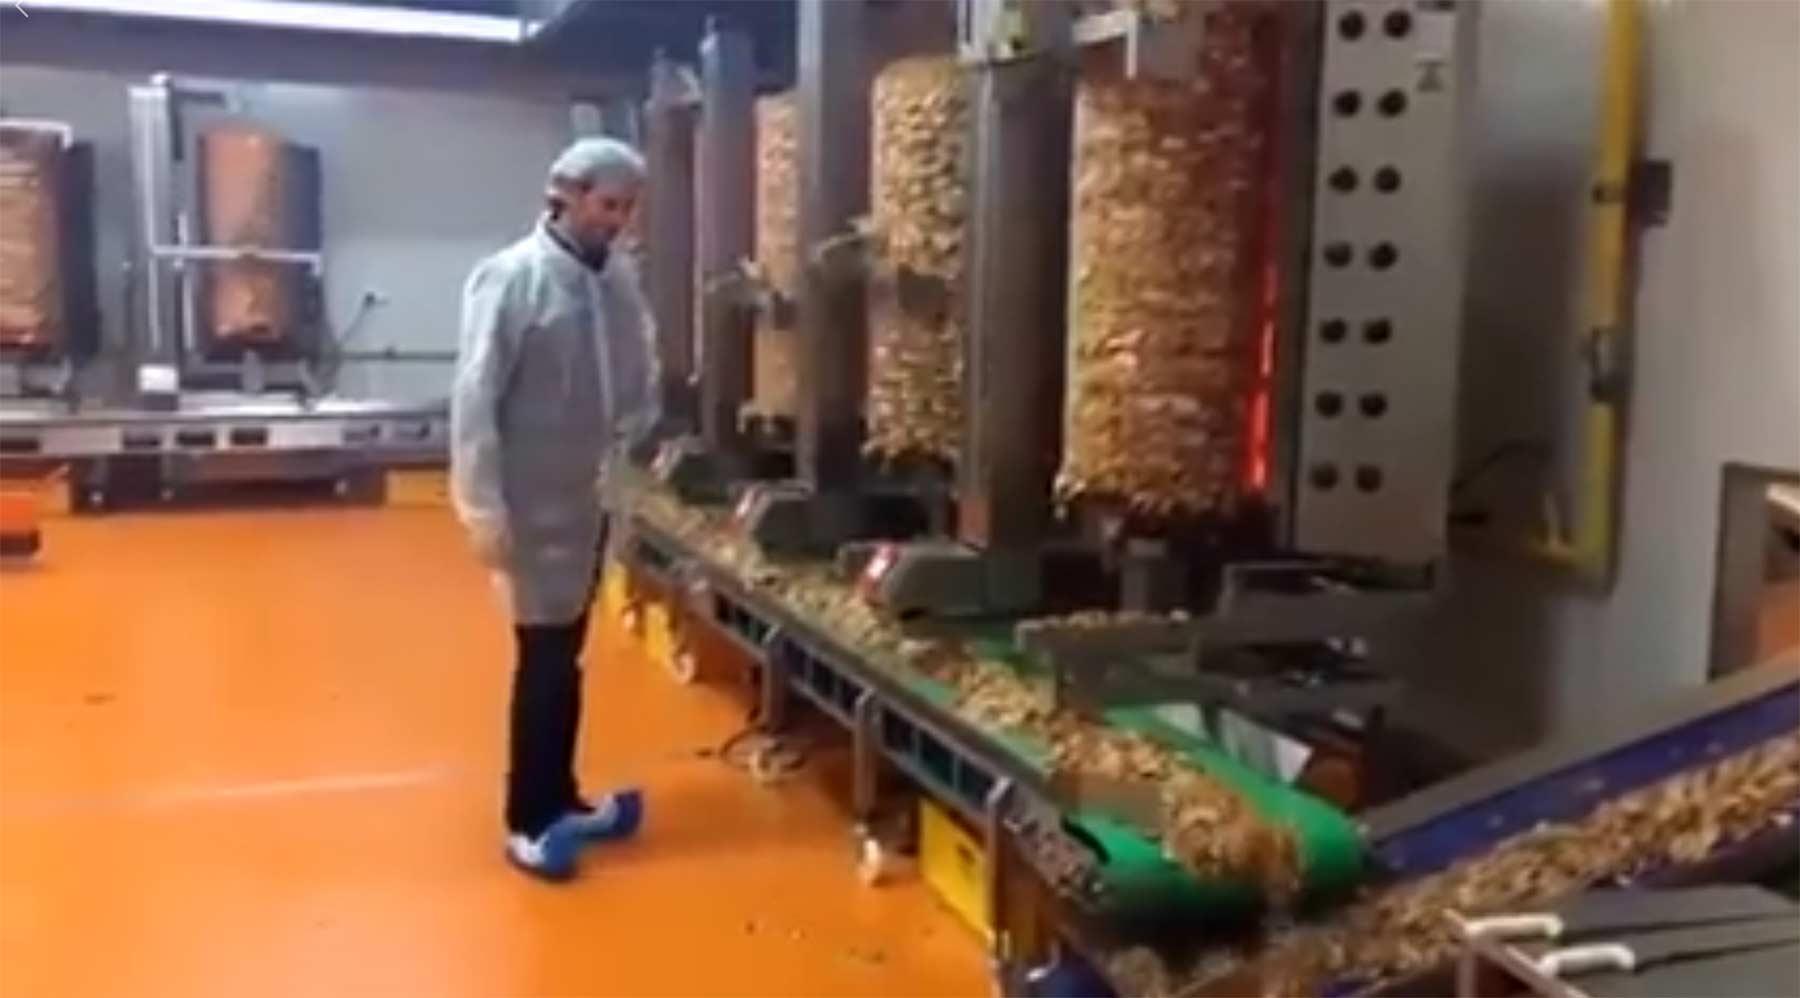 Ein befremdlicher Blick in die industrielle Döner-Produktion industrielle-doenerfleisch-ernte